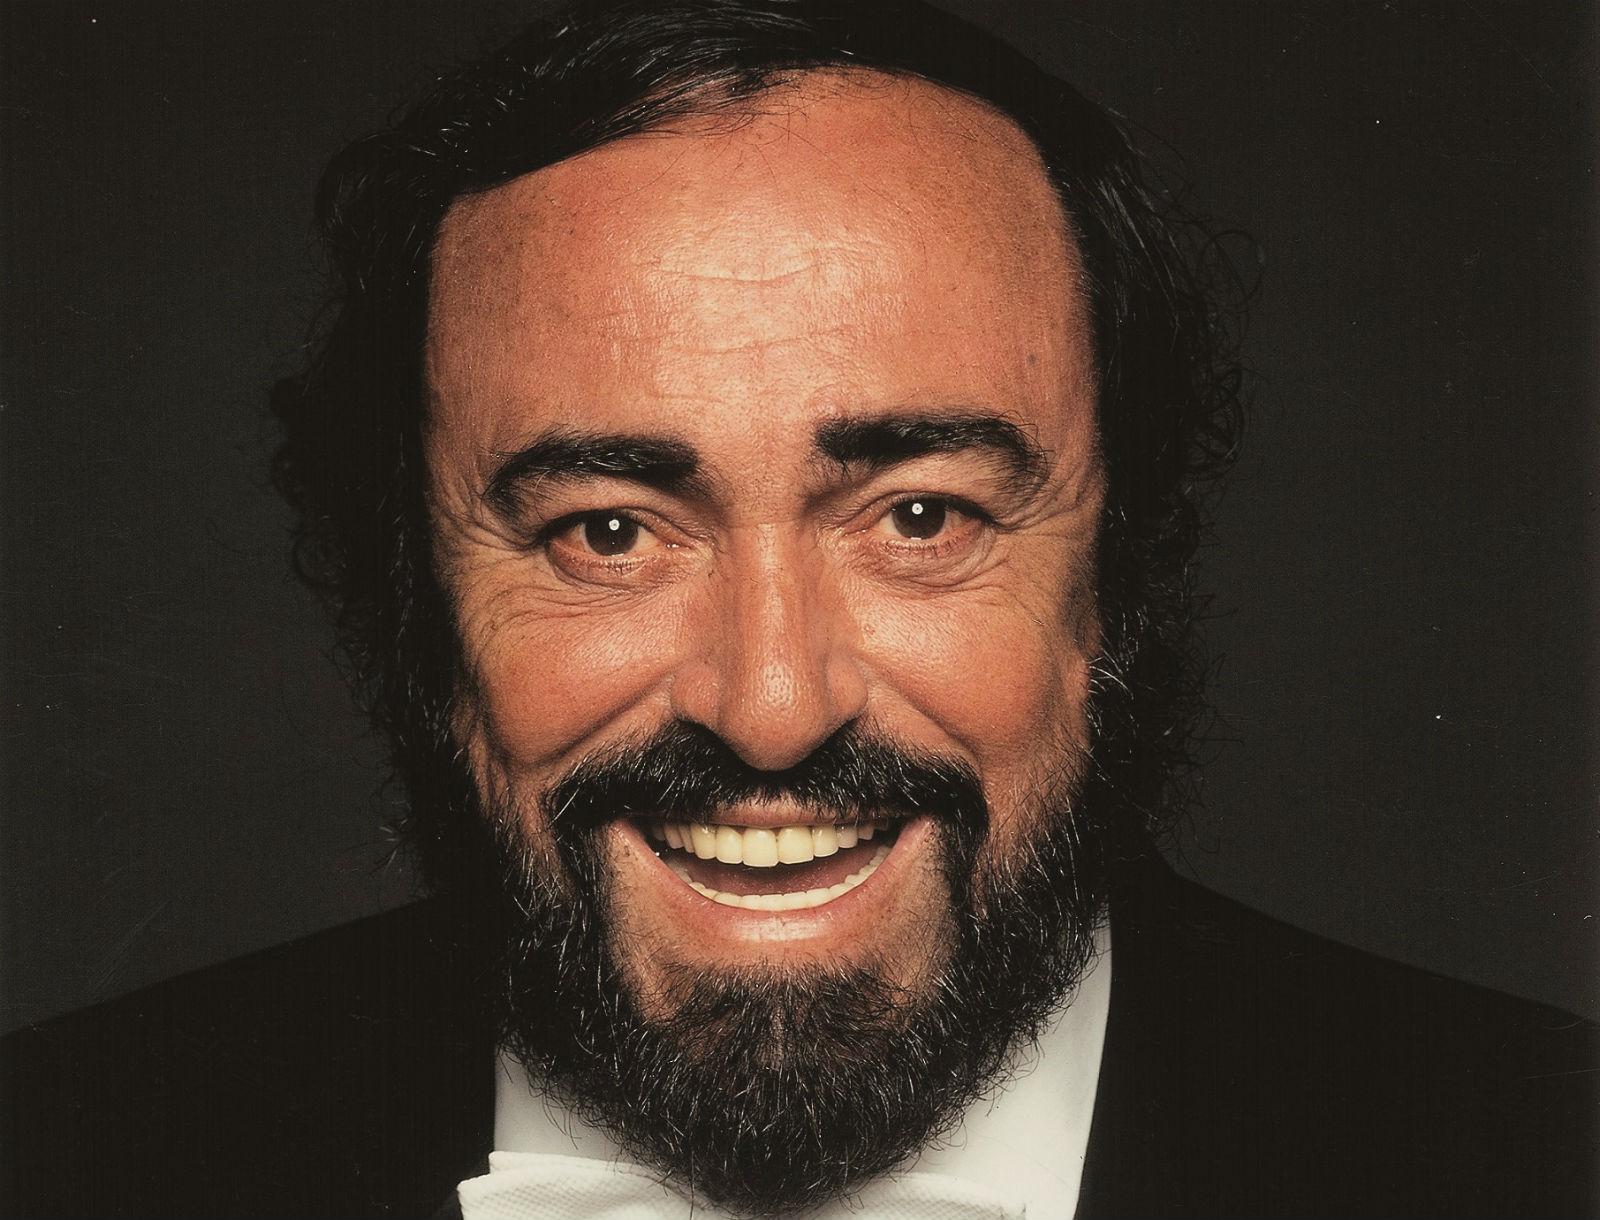 Pavarotti_resize.jpg